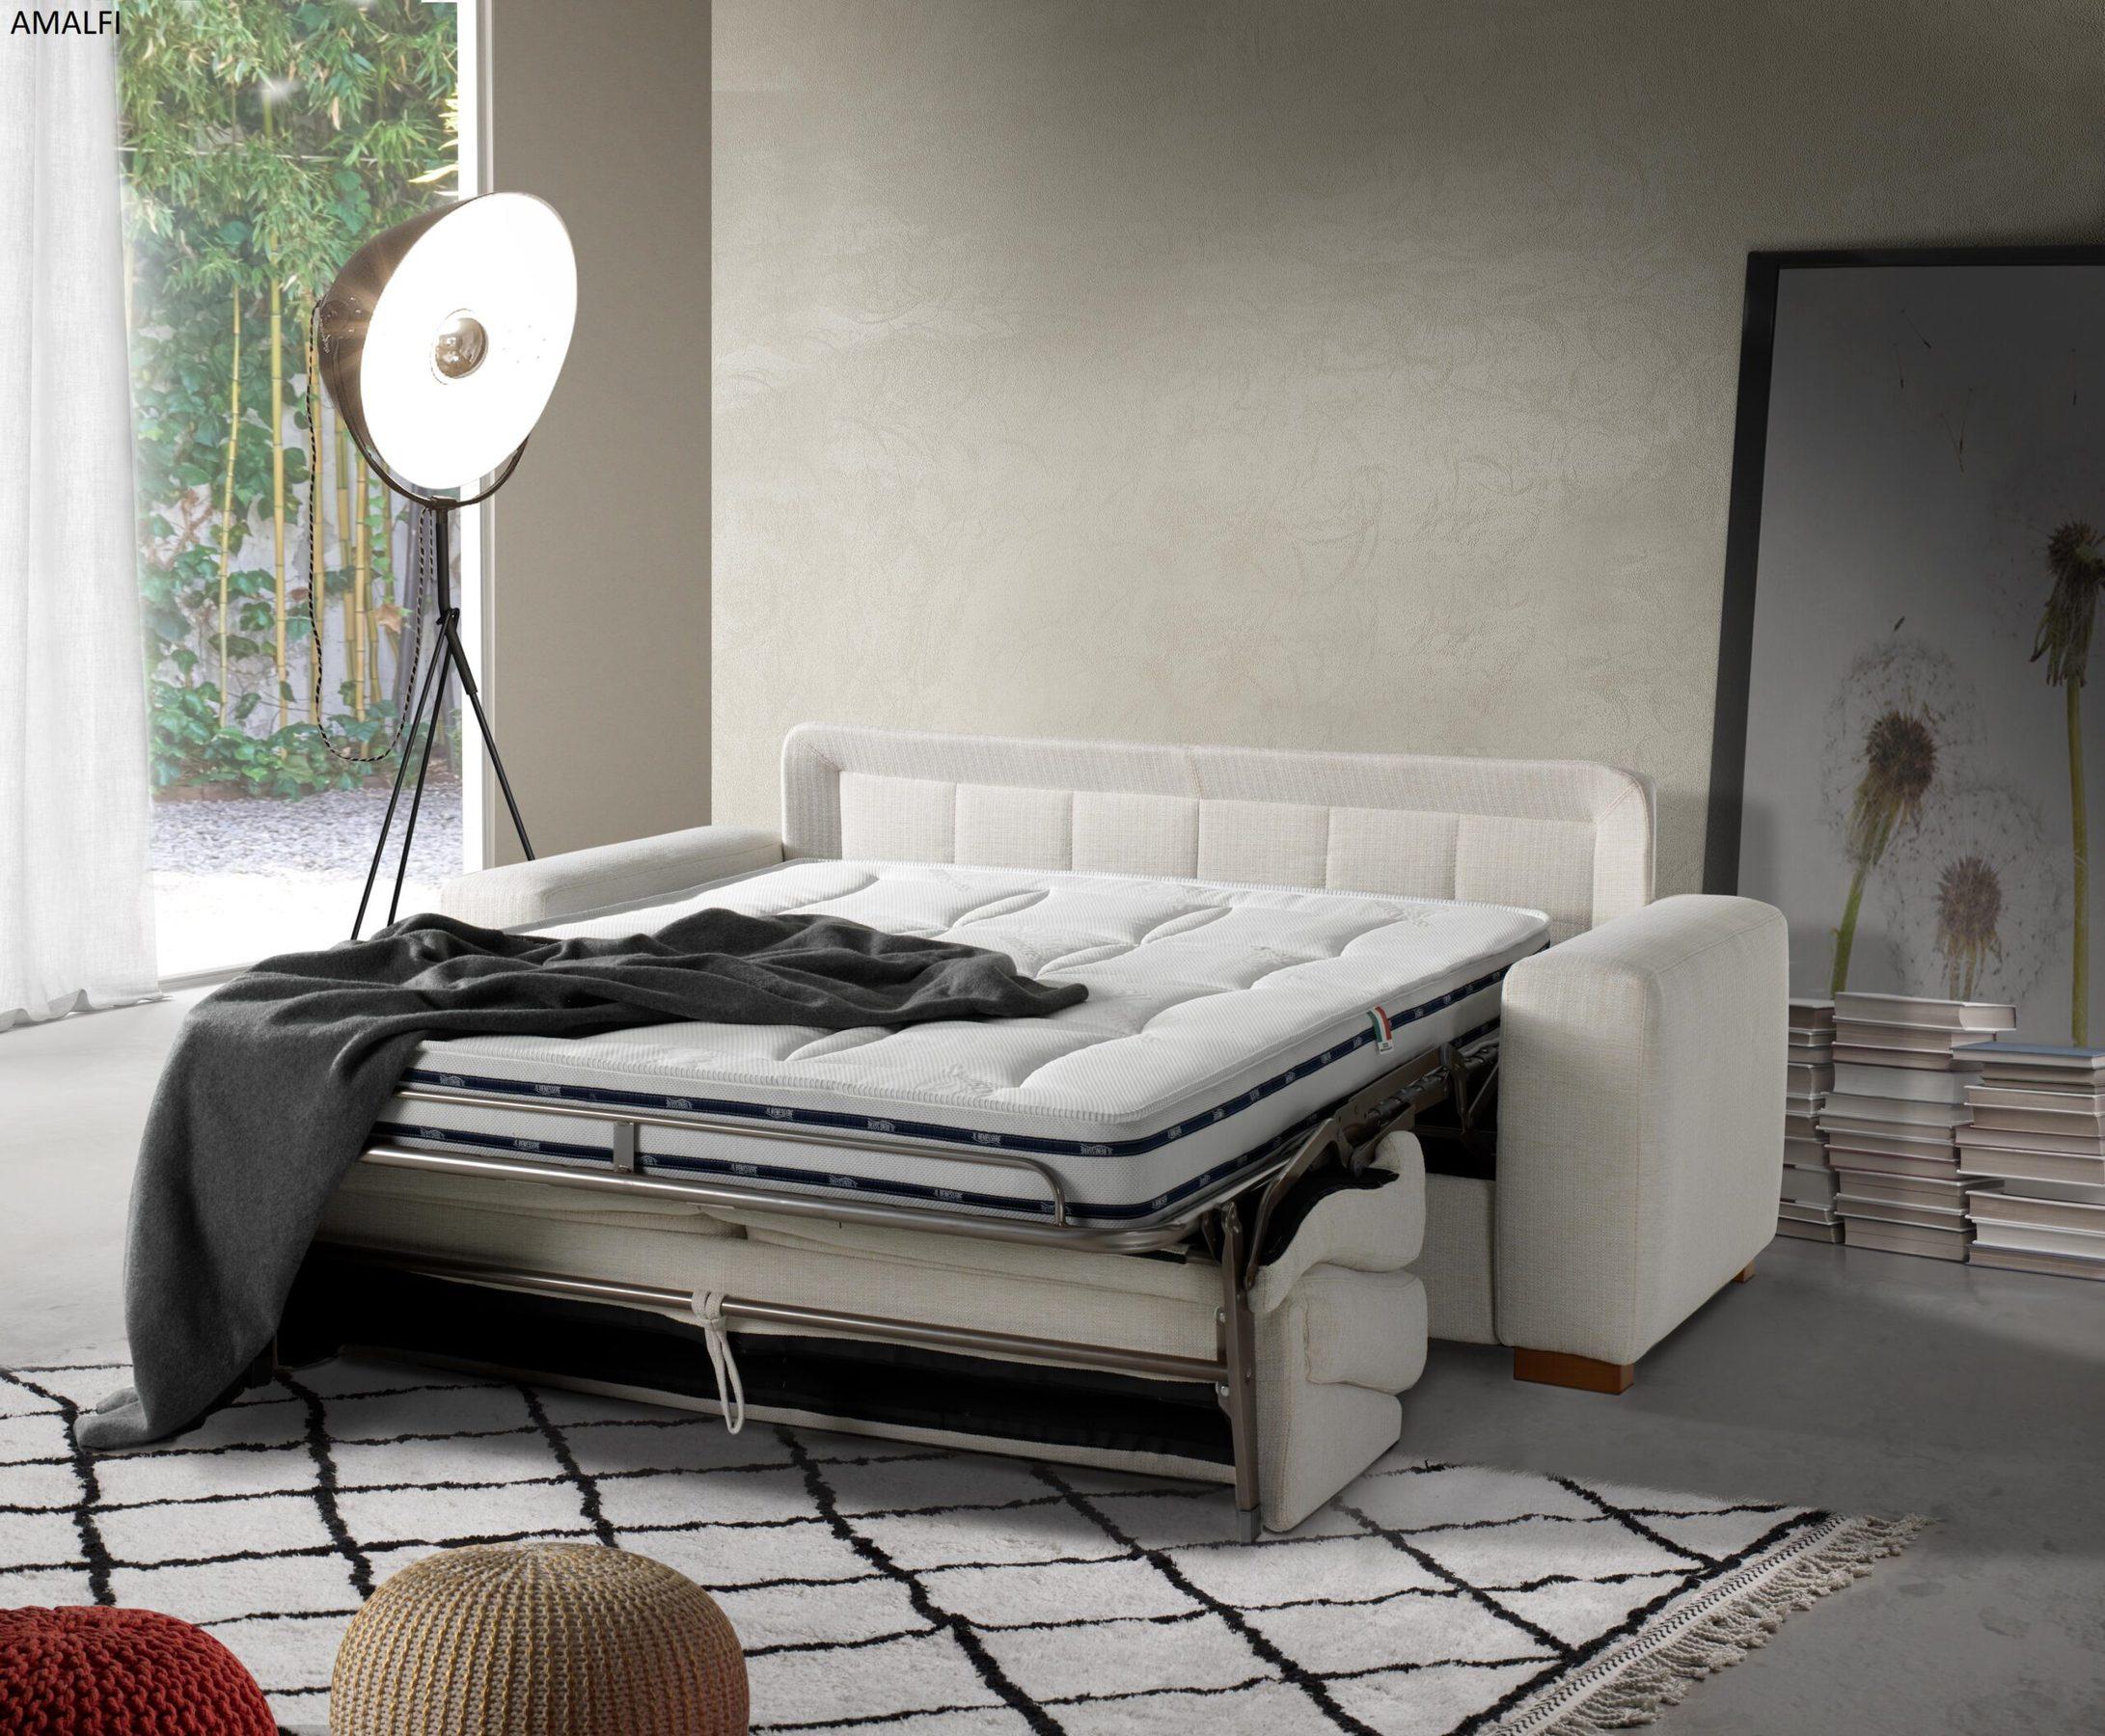 divano letto amalfi